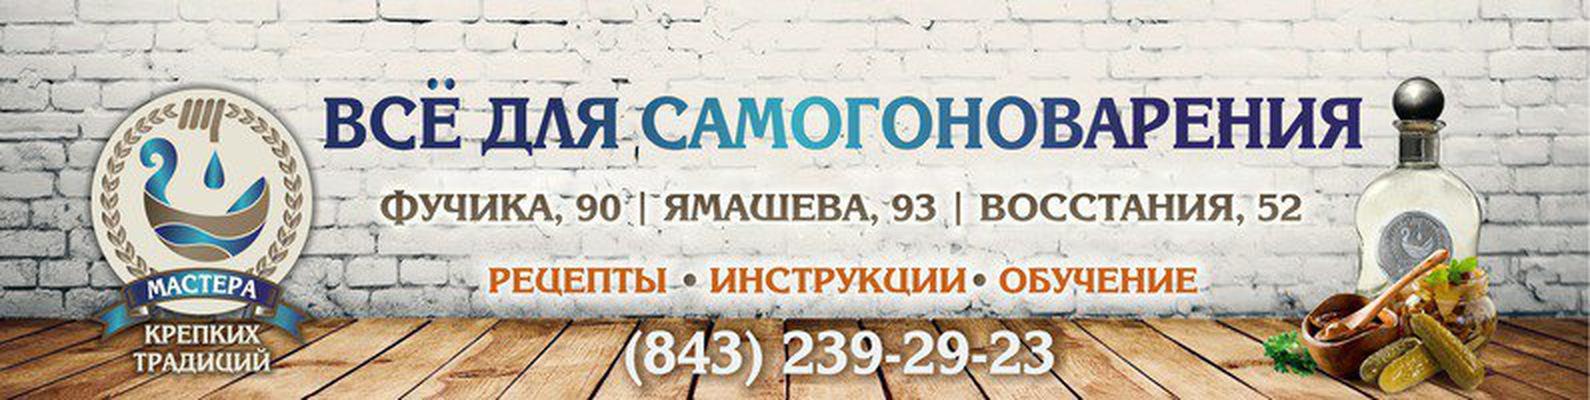 Магазин самогонных аппаратов мастера крепких традиций люкстайл самогонный аппарат официальный